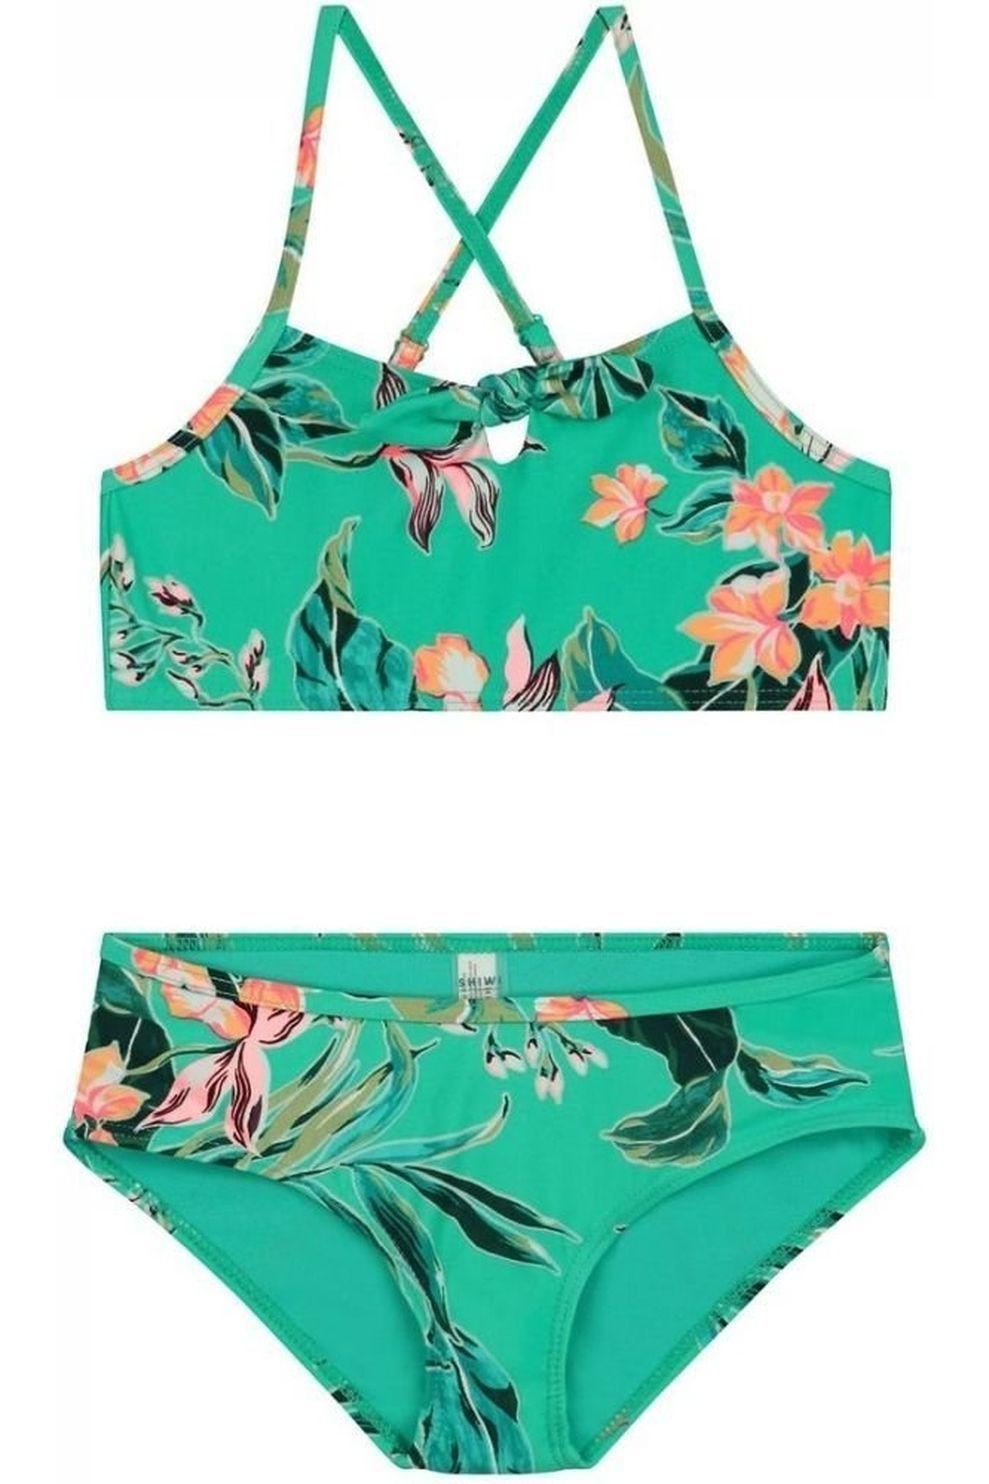 Shiwi Bikini Waikiki Scoop With Bow & Hipster voor meisjes - Groen - Maten: 152, 176